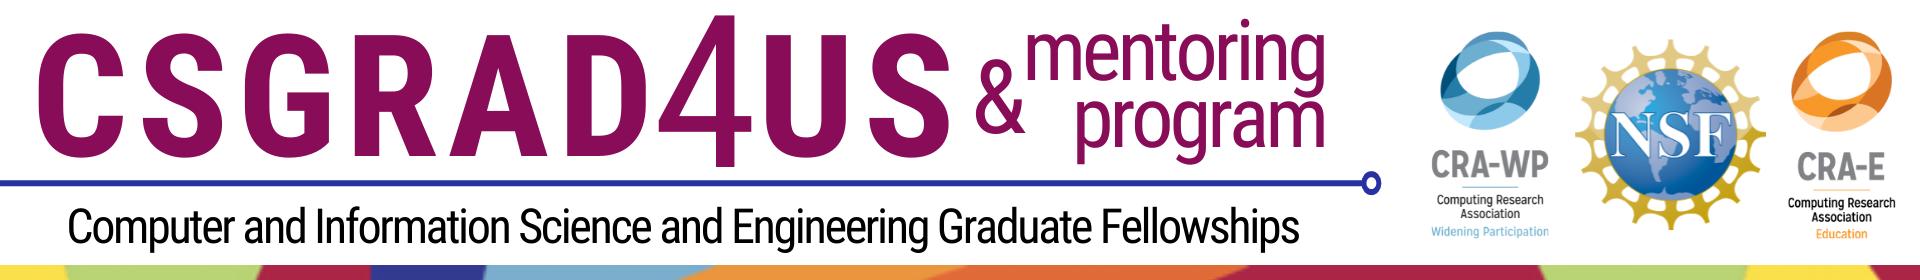 CS Grad4US Event Event Banner